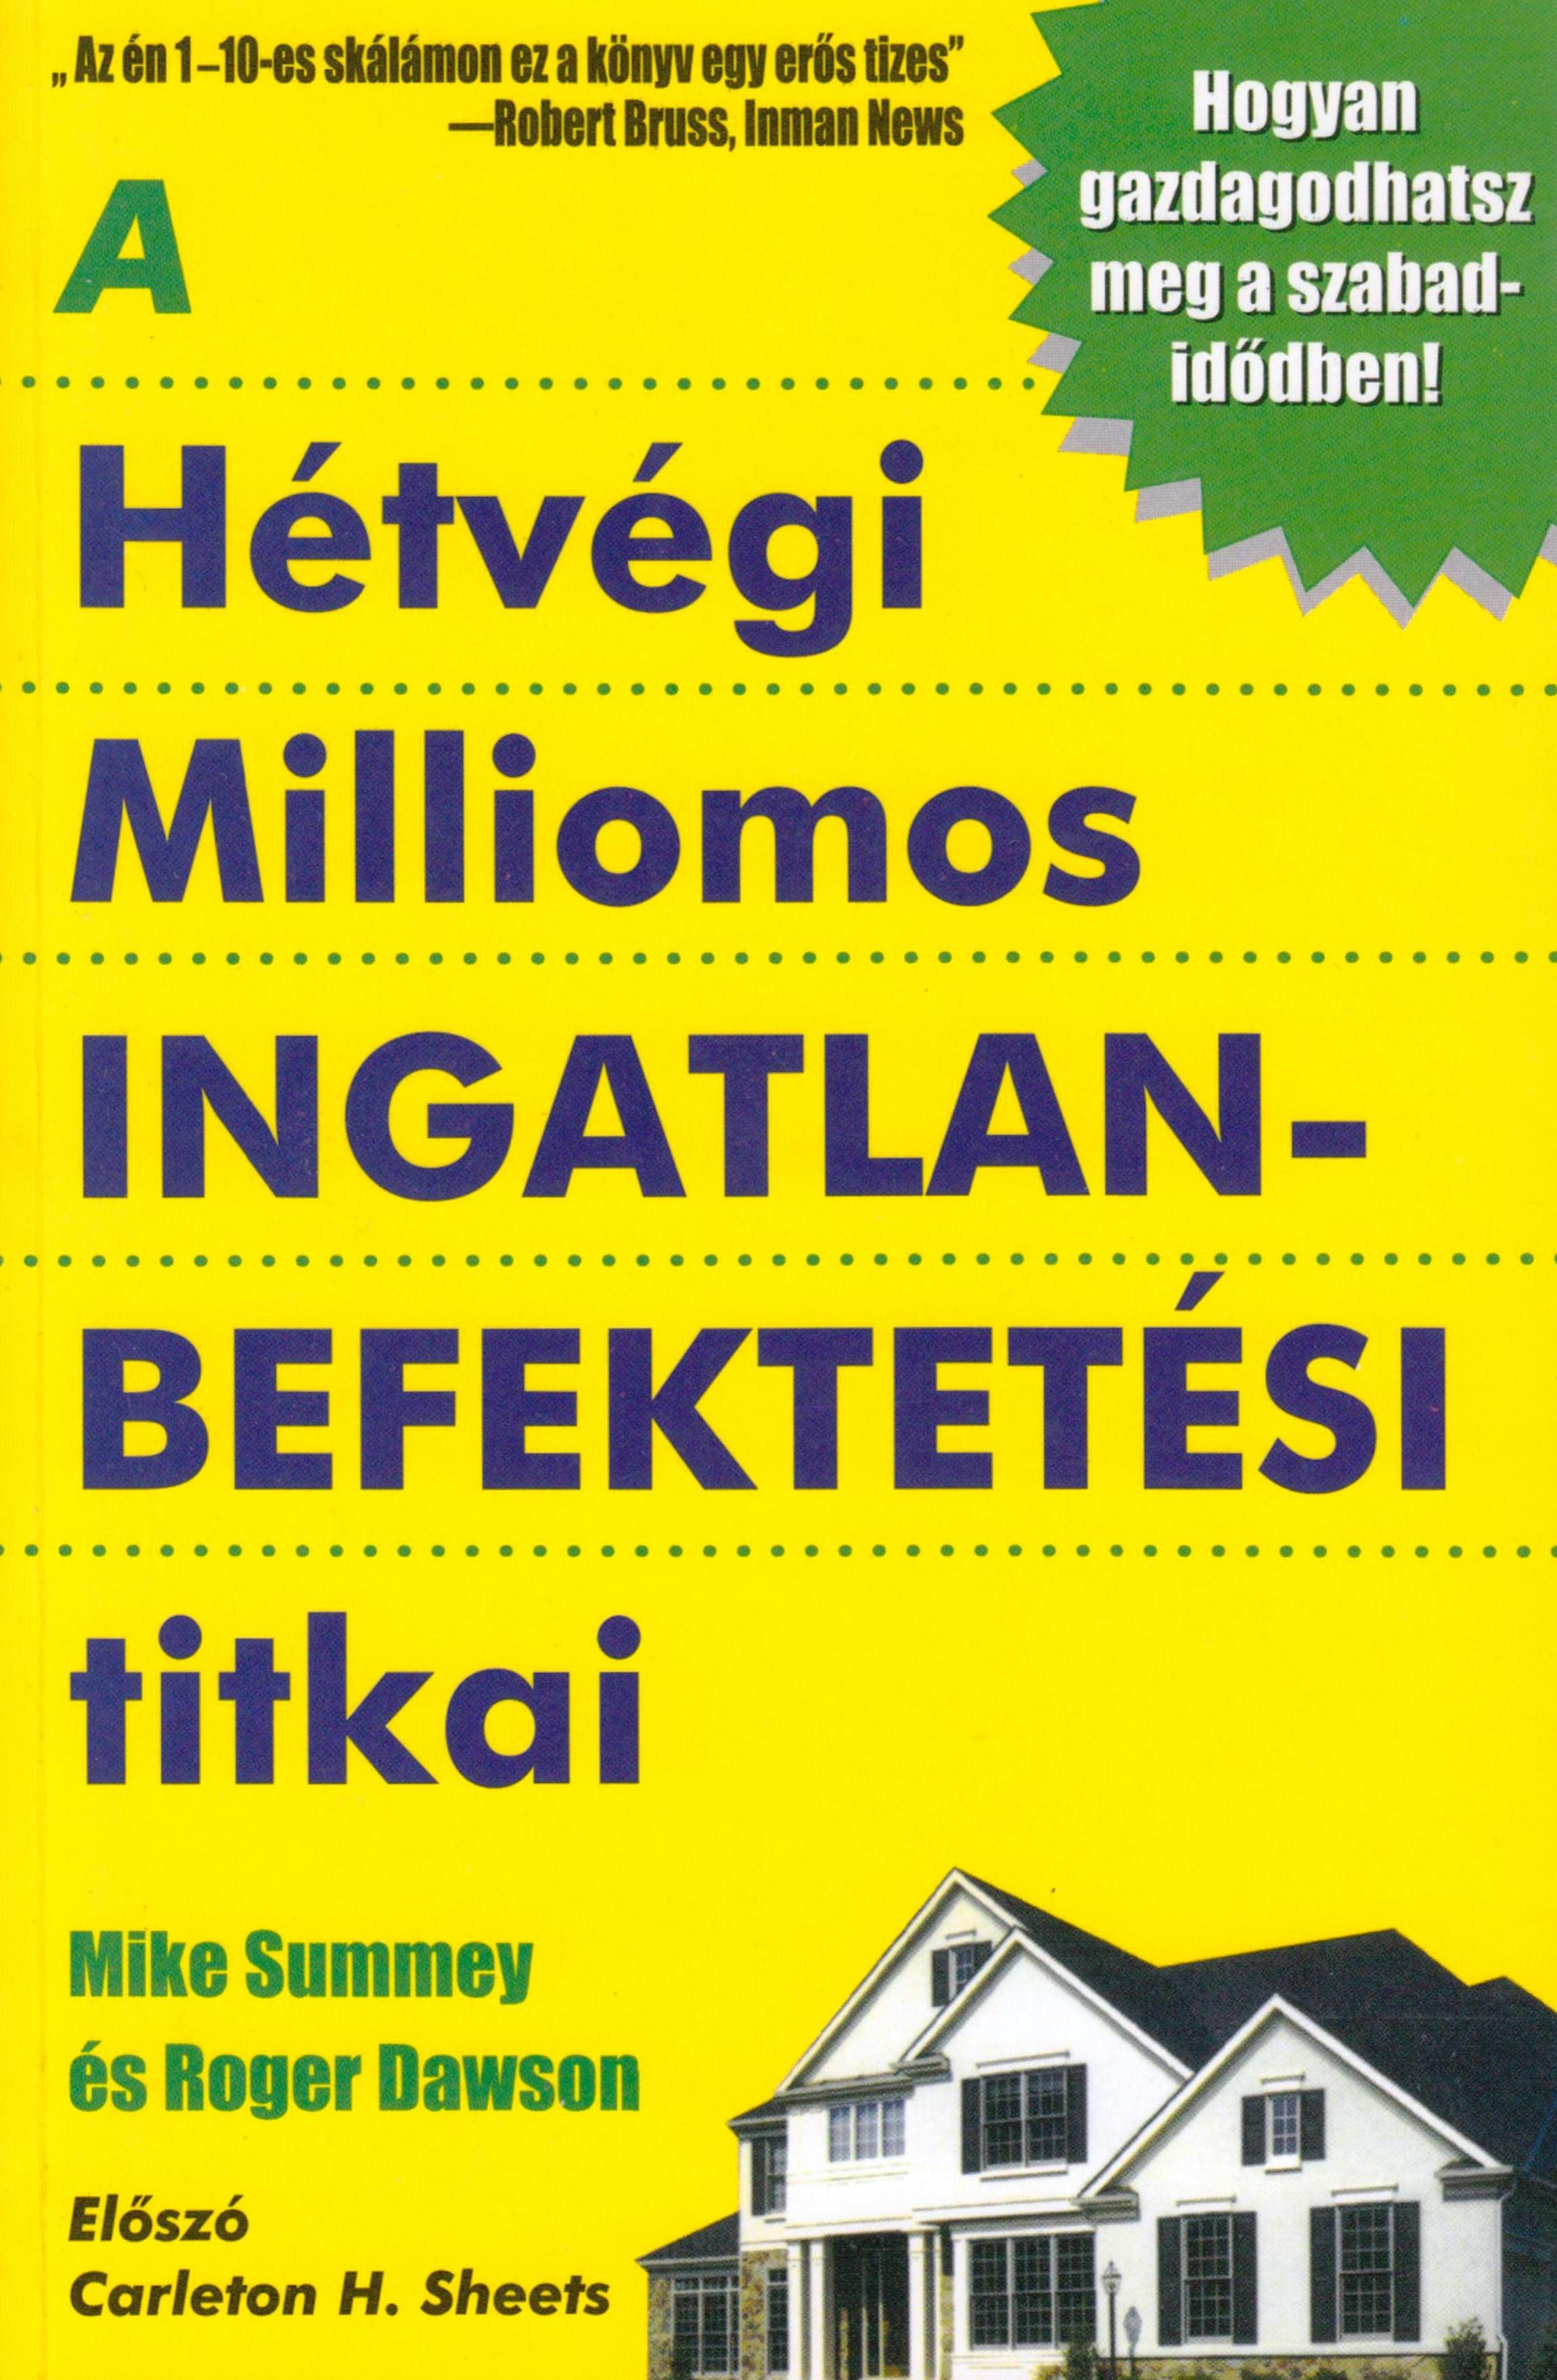 hogyan megismerni egy milliomos